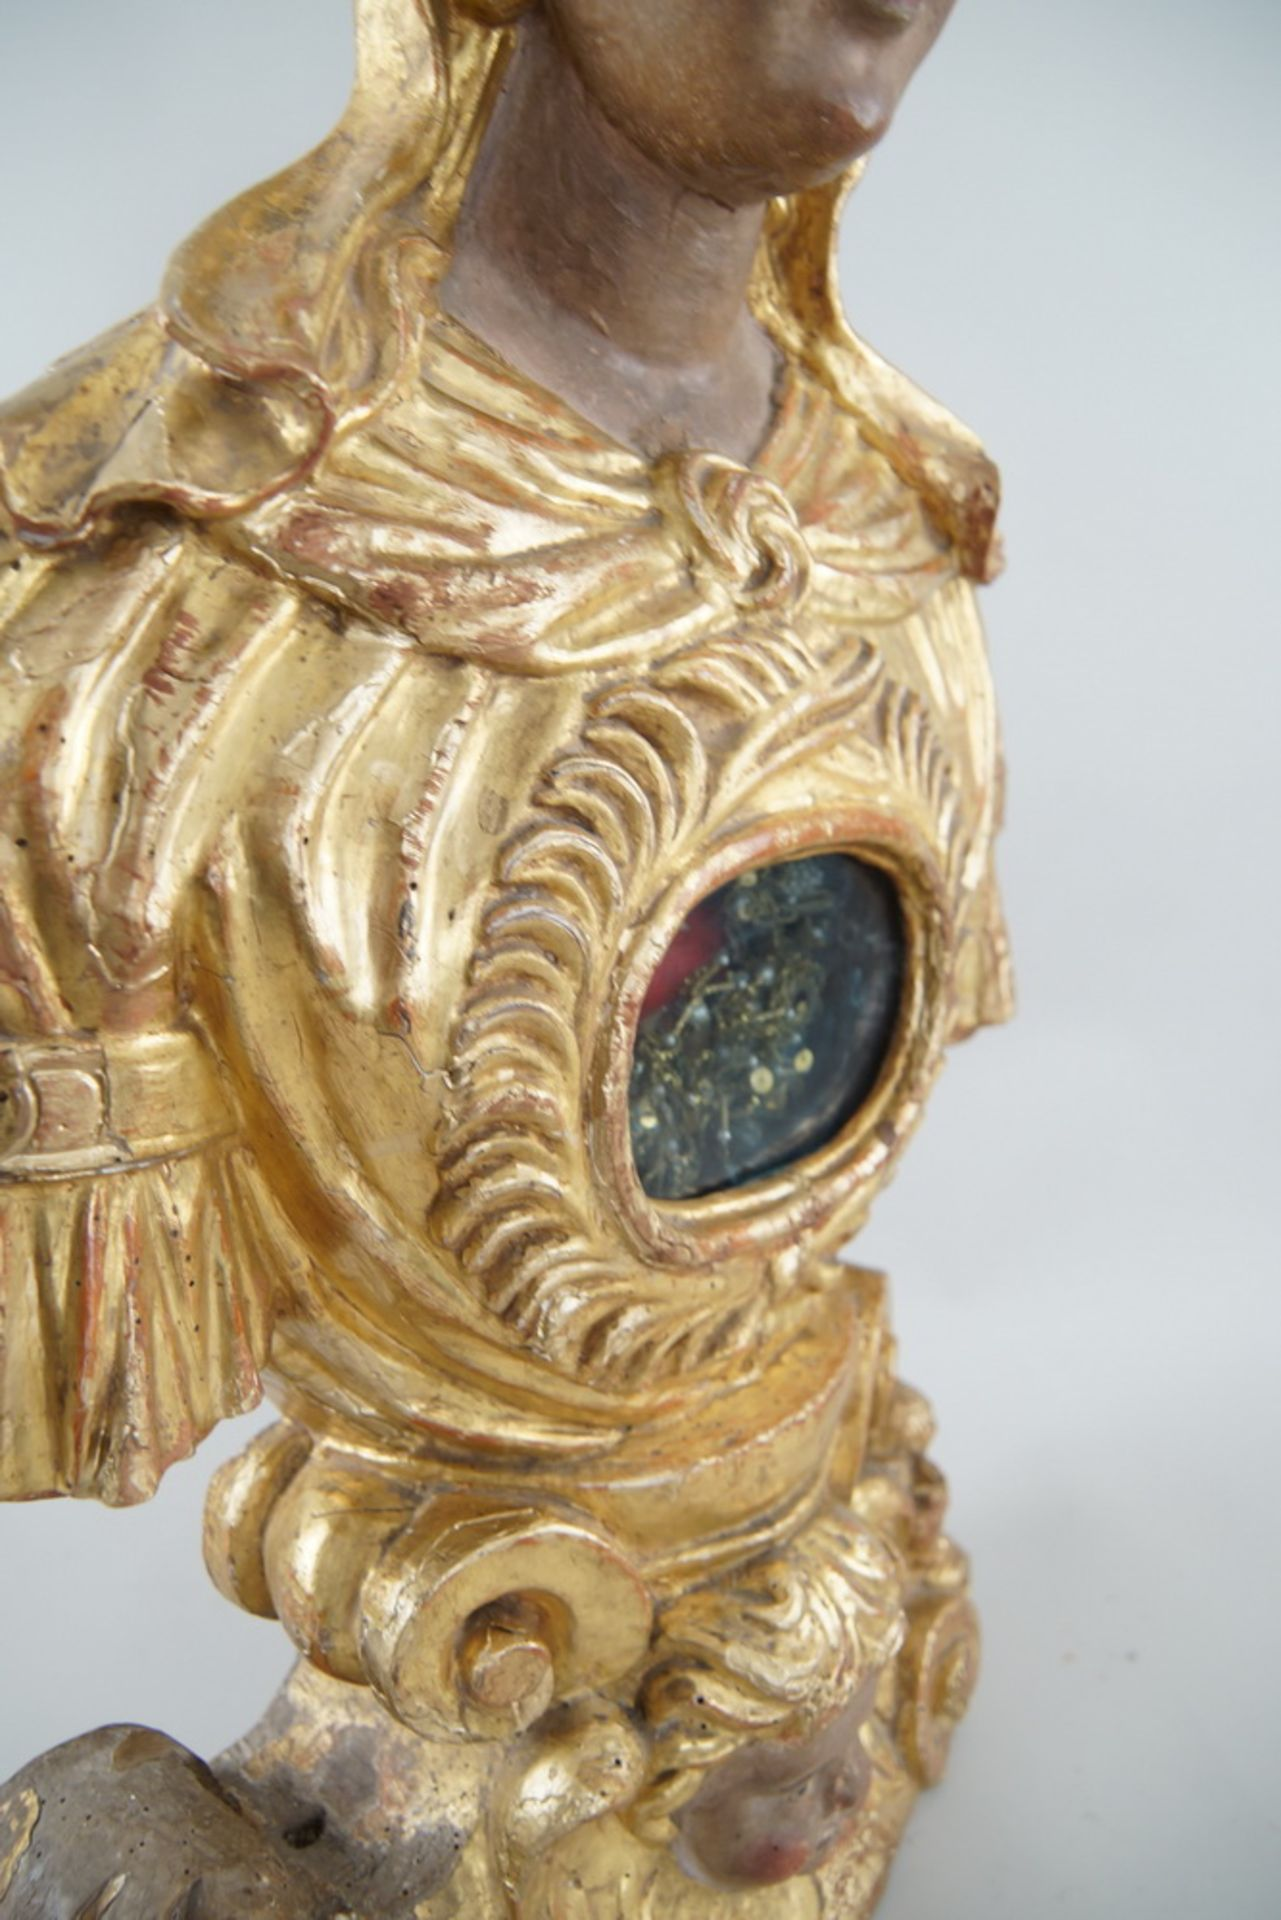 Prunkvolle Reliquienskulptur, Büste auf prächtigem Sockel, Holz geschnitzt, gefasst und - Bild 7 aus 9